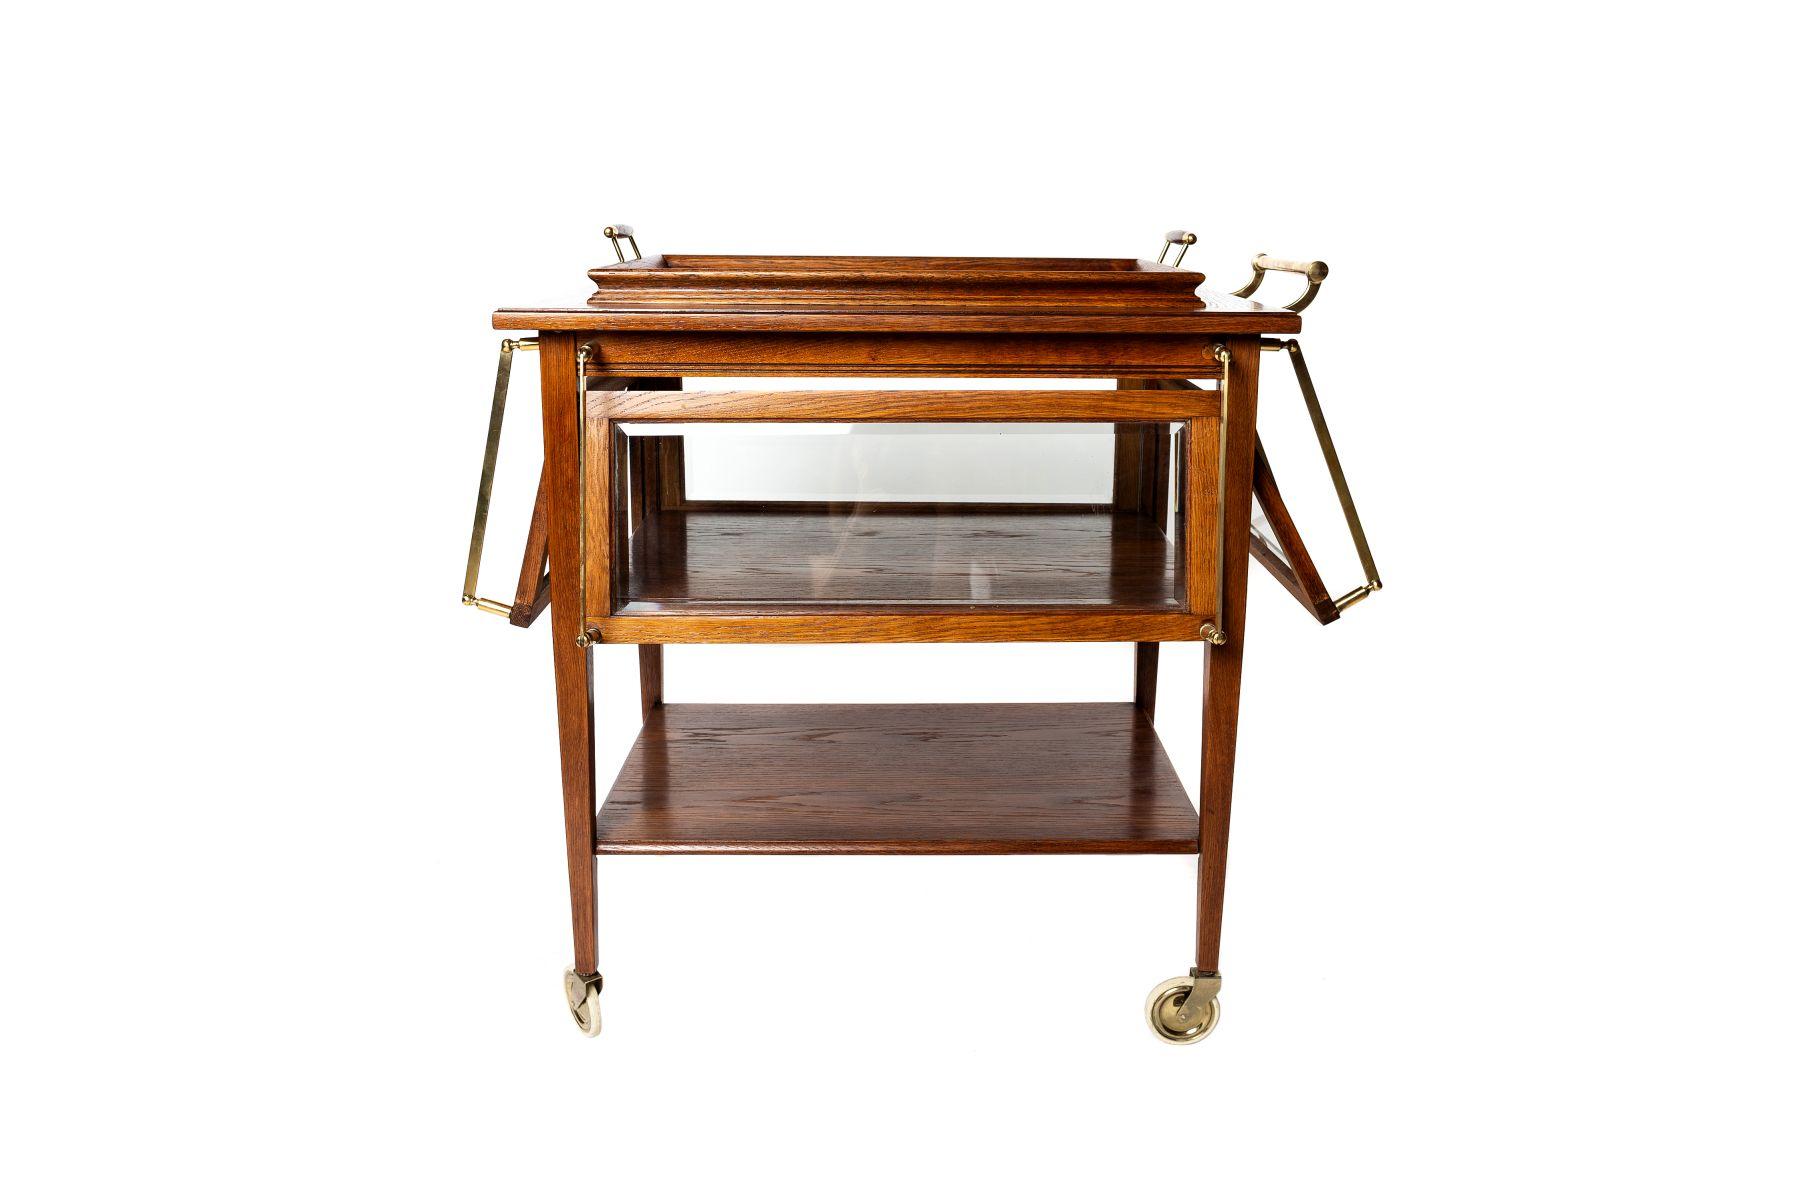 #157 Bar Table, 20. Jh | Jugendstil Bartisch, Anfang 20. Jh. Image